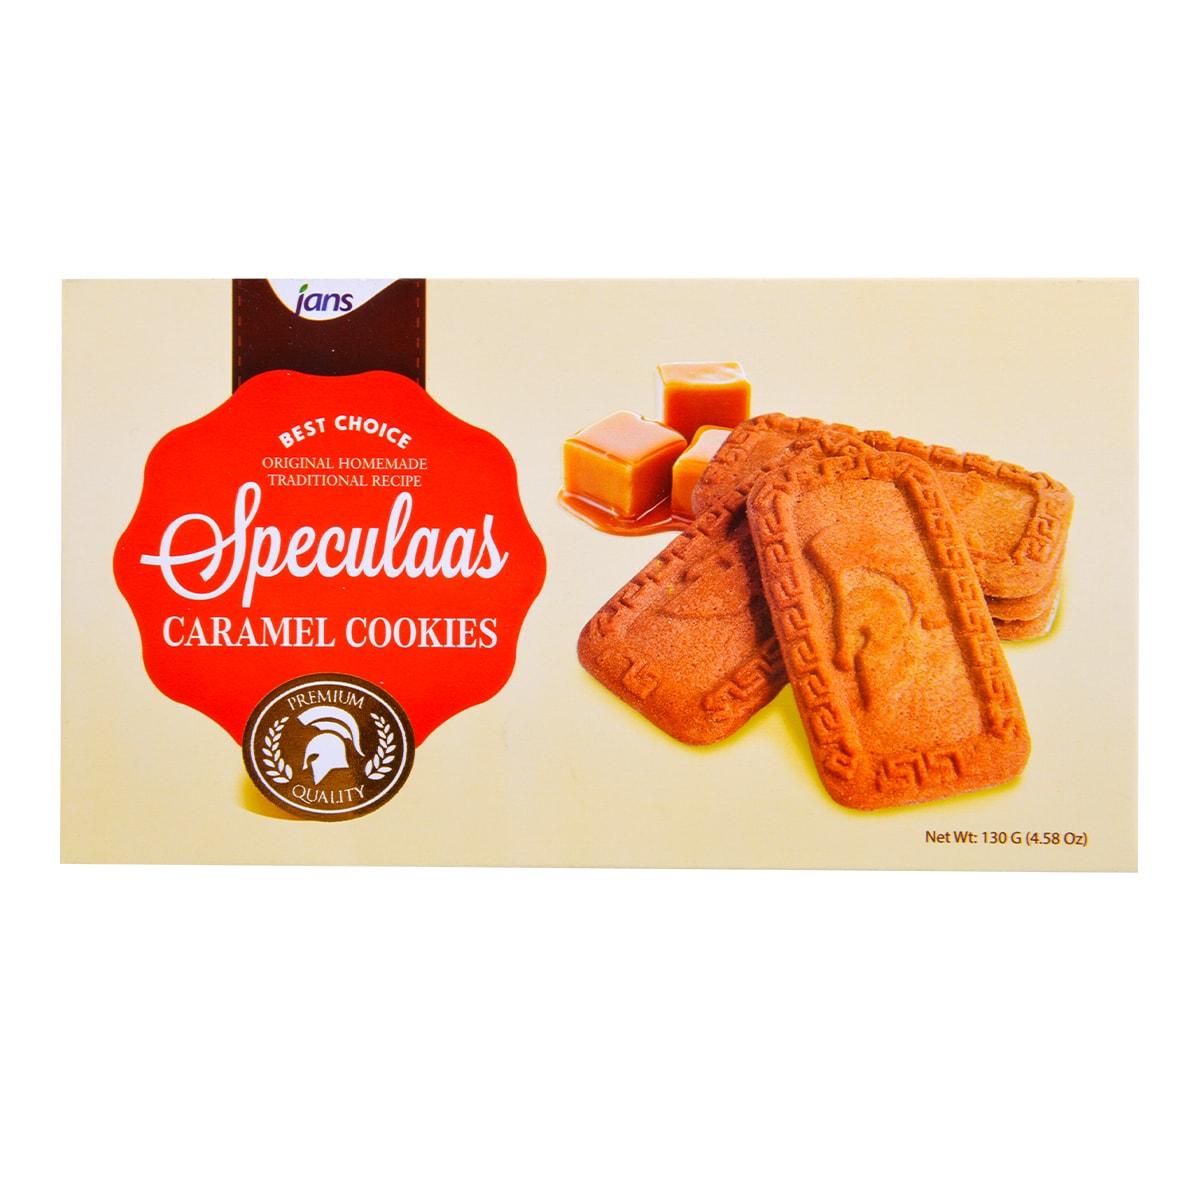 印尼JANS 焦糖饼干 130g